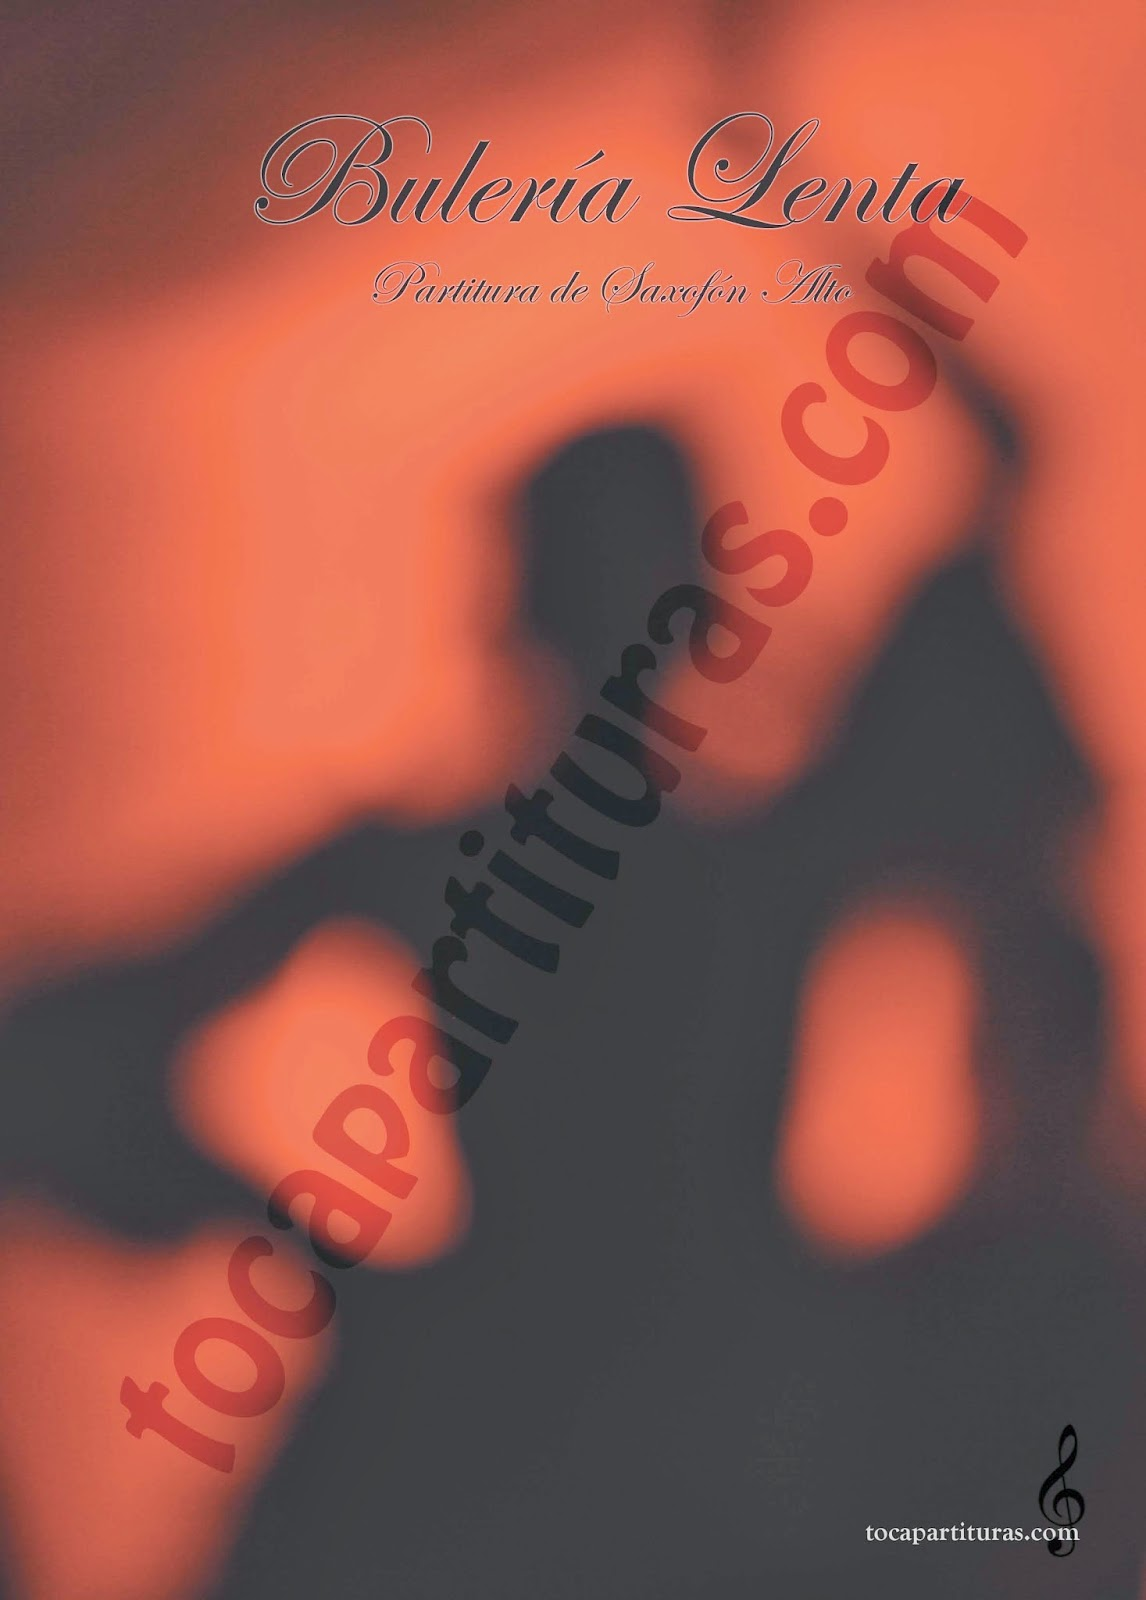 http://www.tocapartituras.com/2014/05/buleria-lenta-partitura-por-diegosax-pdf.html